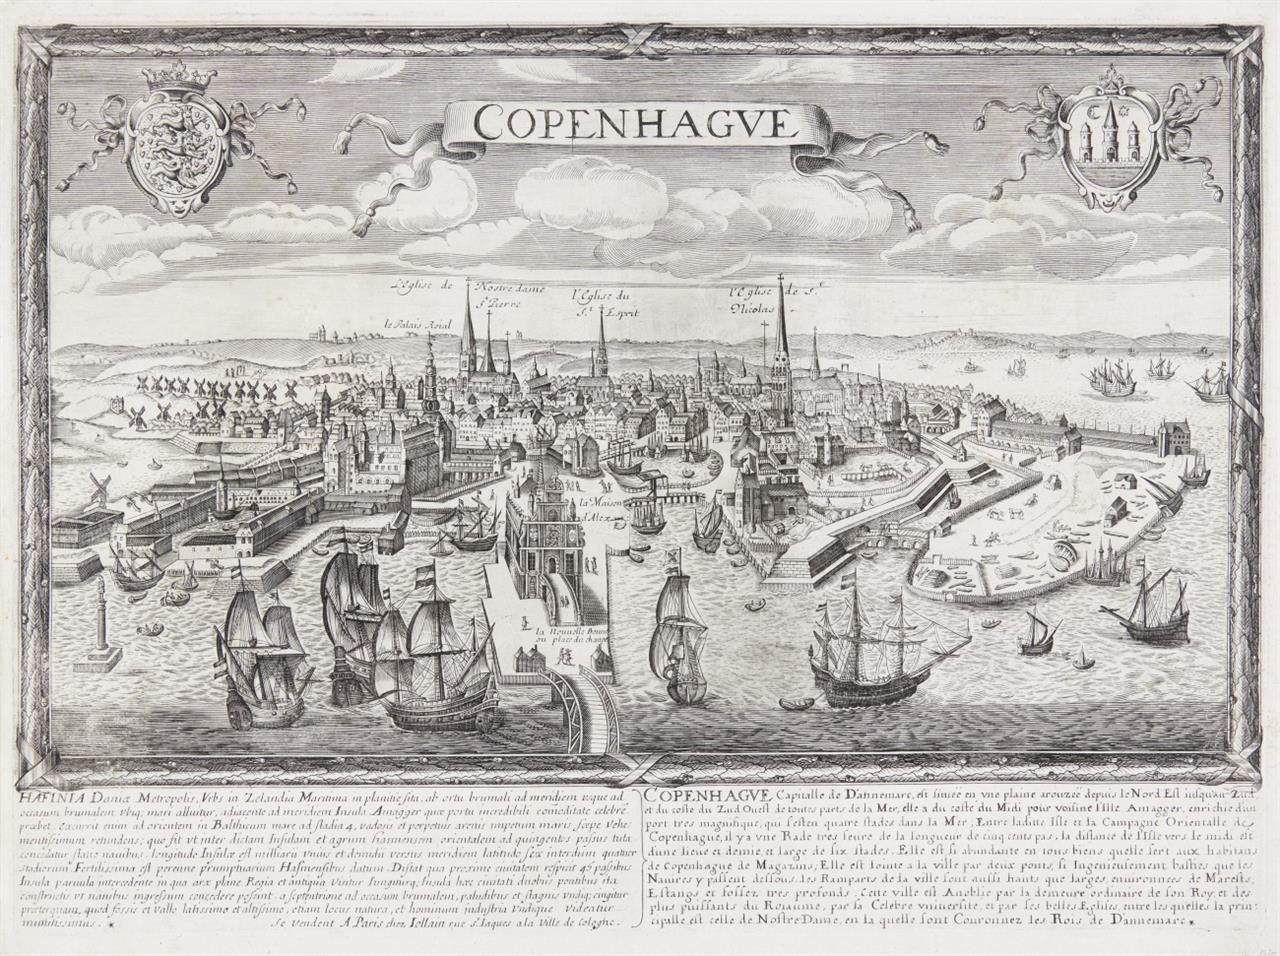 Kopenhagen. Copenhague. Gesamtansicht. Um 1670. Kupferstich bei G. Jollain.